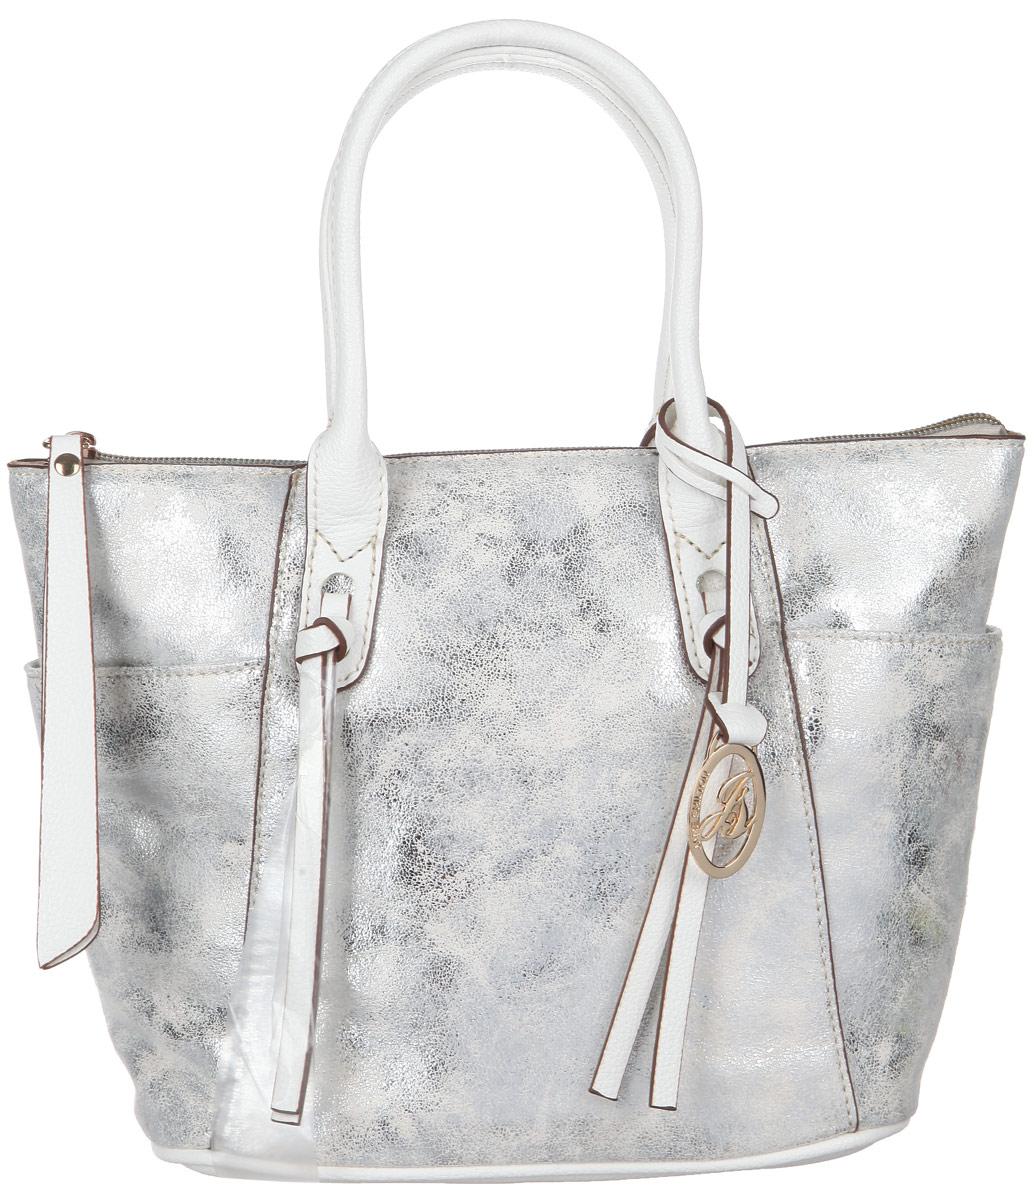 Сумка женская Jane Shilton, цвет: белый, серебристый. 20862086whСтильная женская сумка Jane Shilton, выполненная из мягкой искусственной кожи с блестящим покрытием, дополнена фирменным брелоком. Изделие имеет одно основное отделение, которое закрывается на застежку-молнию. Внутри находятся прорезной карман на застежке-молнии и накладной открытый карман. Снаружи, по бокам расположены нашивные открытые карманы. Модель оснащена двумя удобными ручками. В комплект входит съемный плечевой ремень. Роскошная сумка внесет элегантные нотки в ваш образ и подчеркнет ваше отменное чувство стиля.